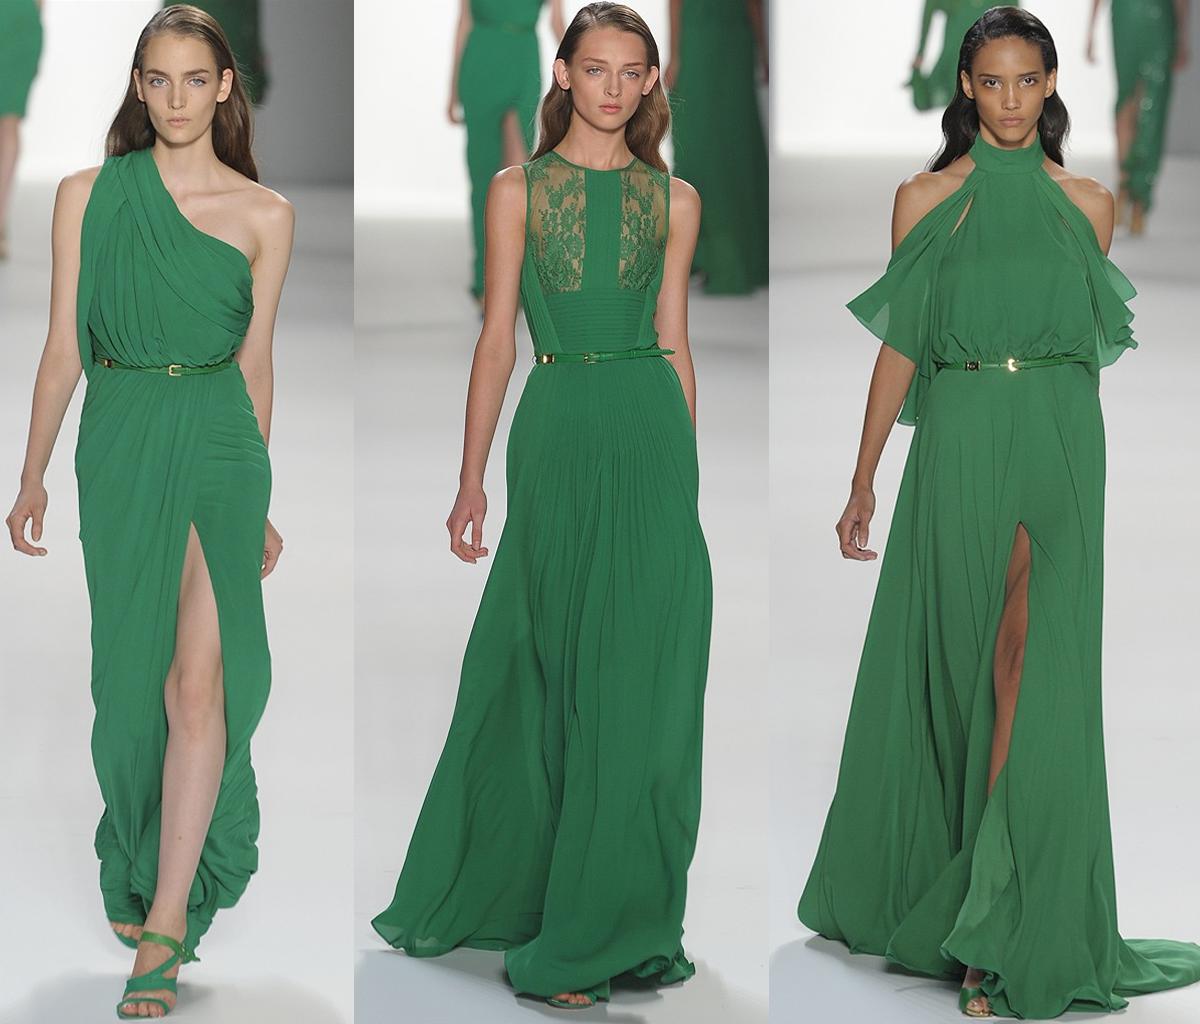 elie-saab-green-bridesmaids-dresses-emerald-wedding-colors